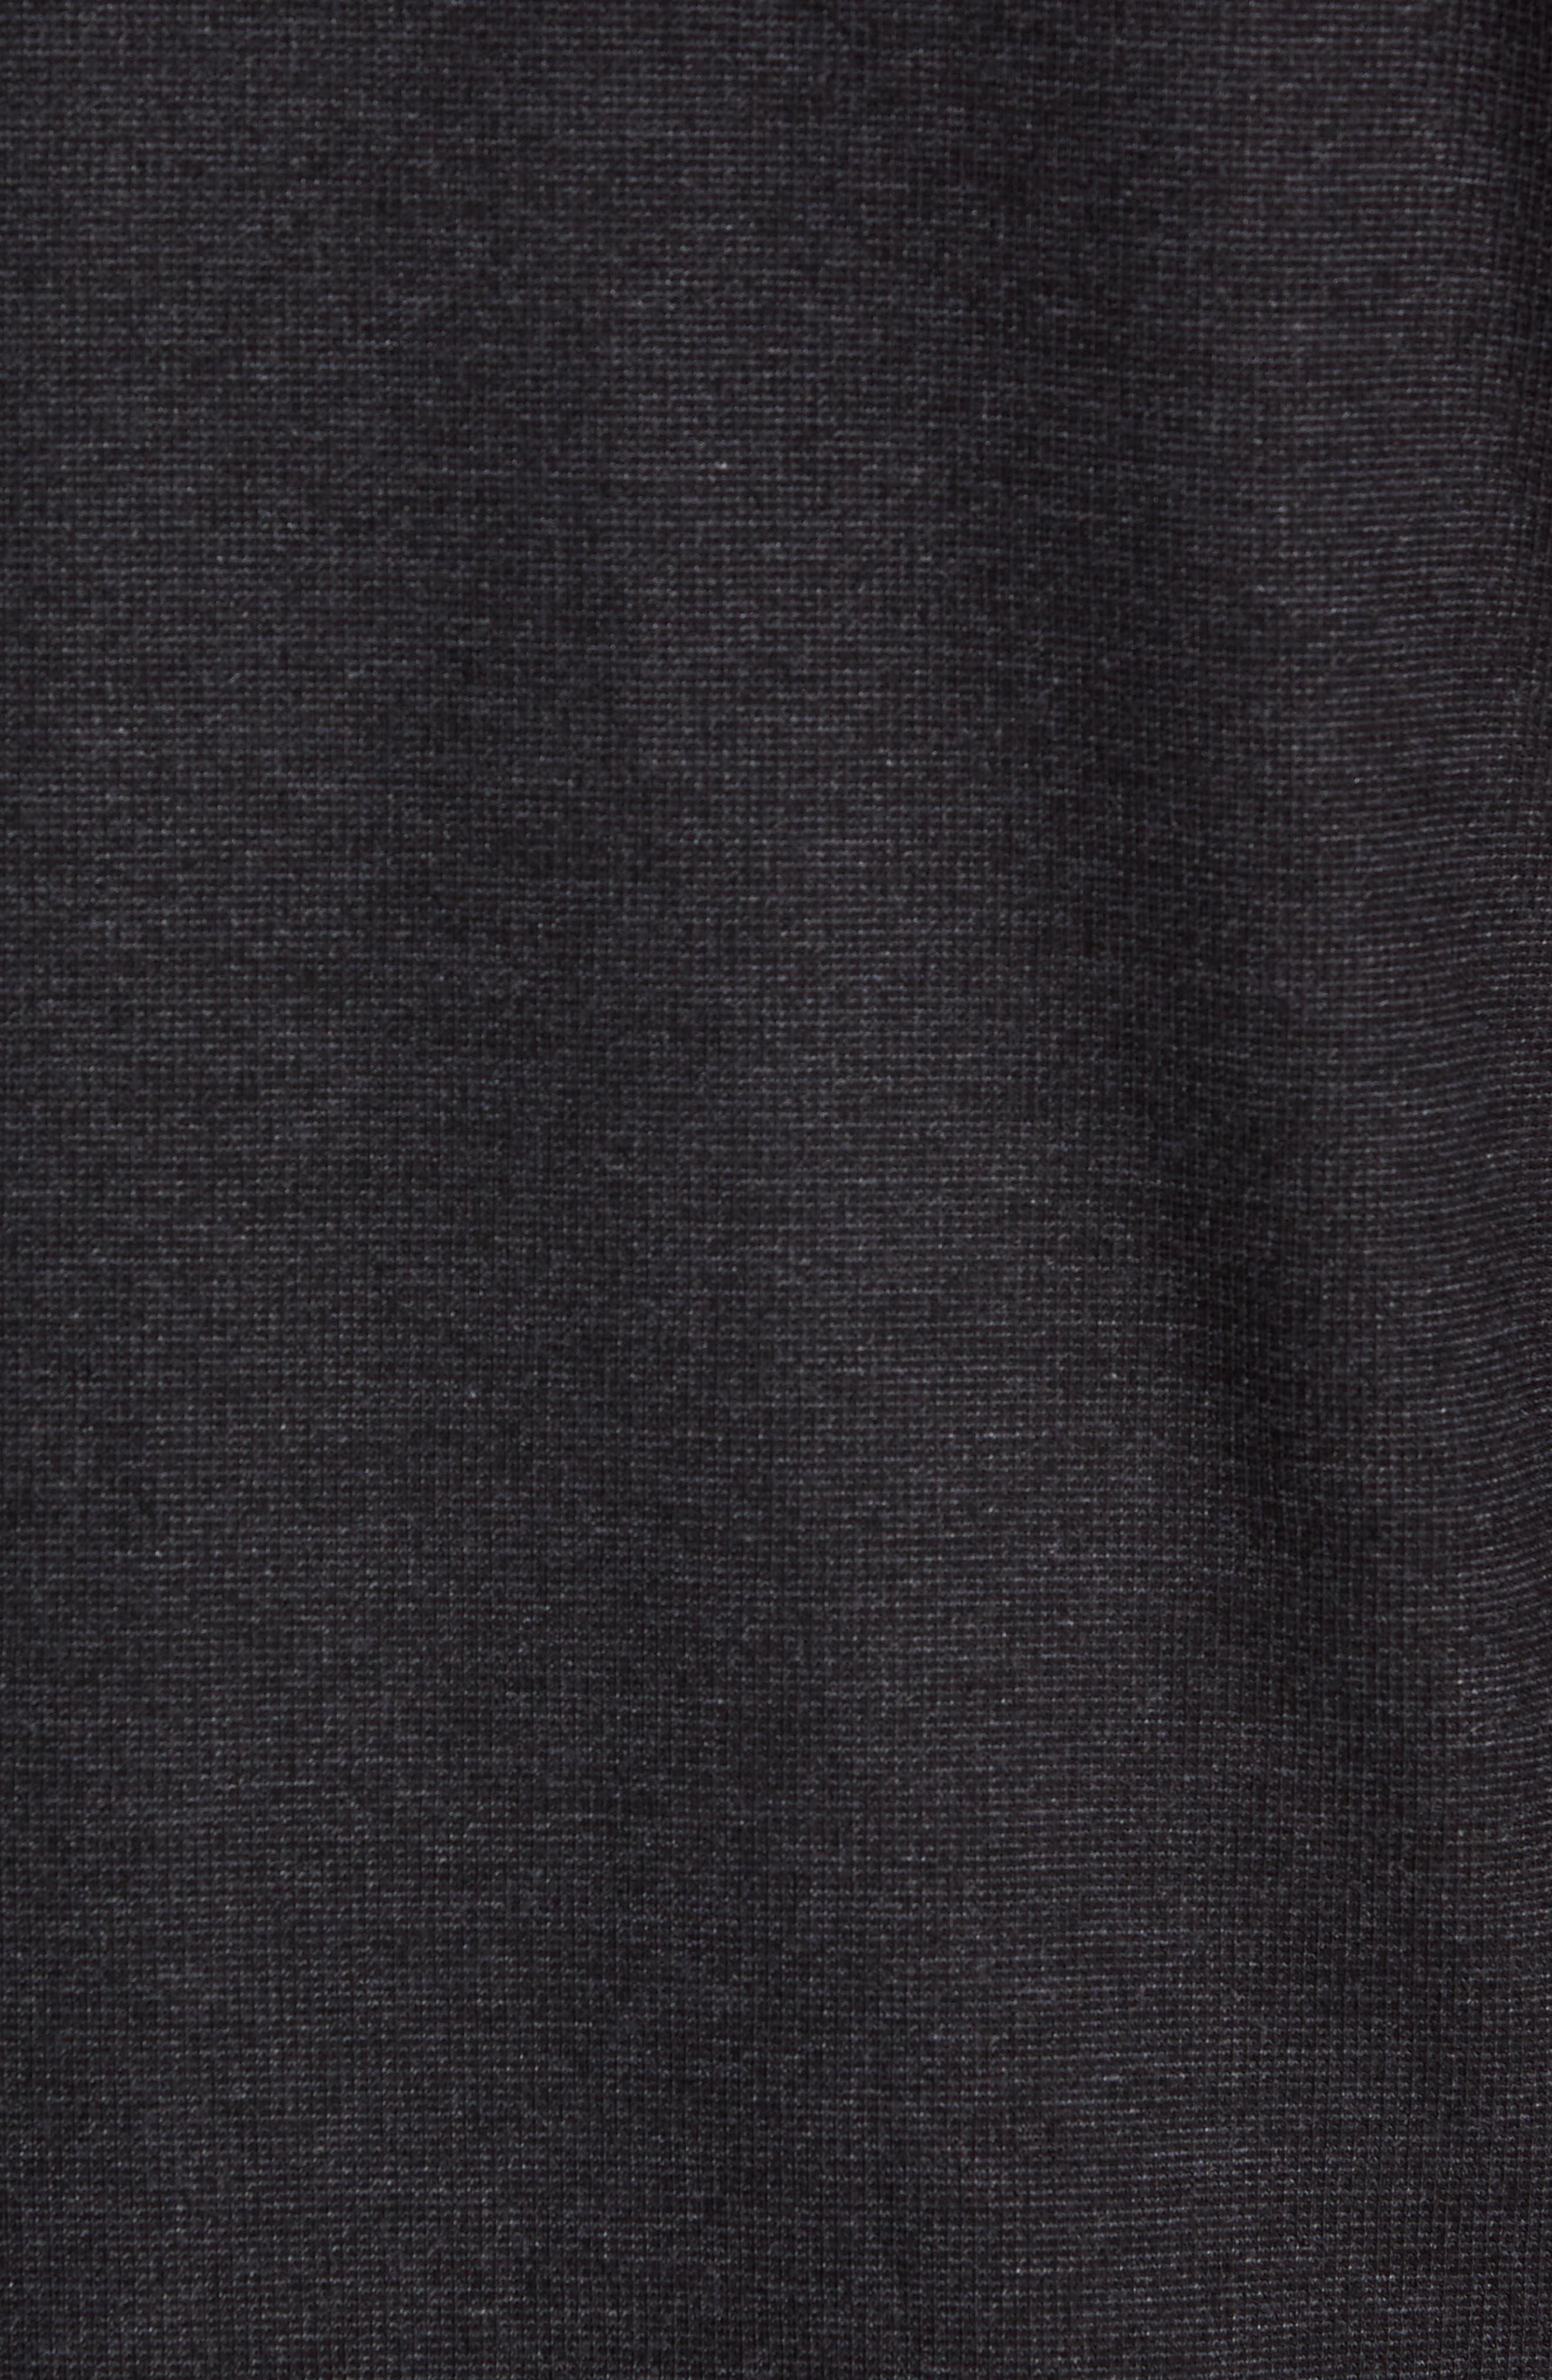 Trim Fit Clean Line Shirt,                             Alternate thumbnail 5, color,                             001